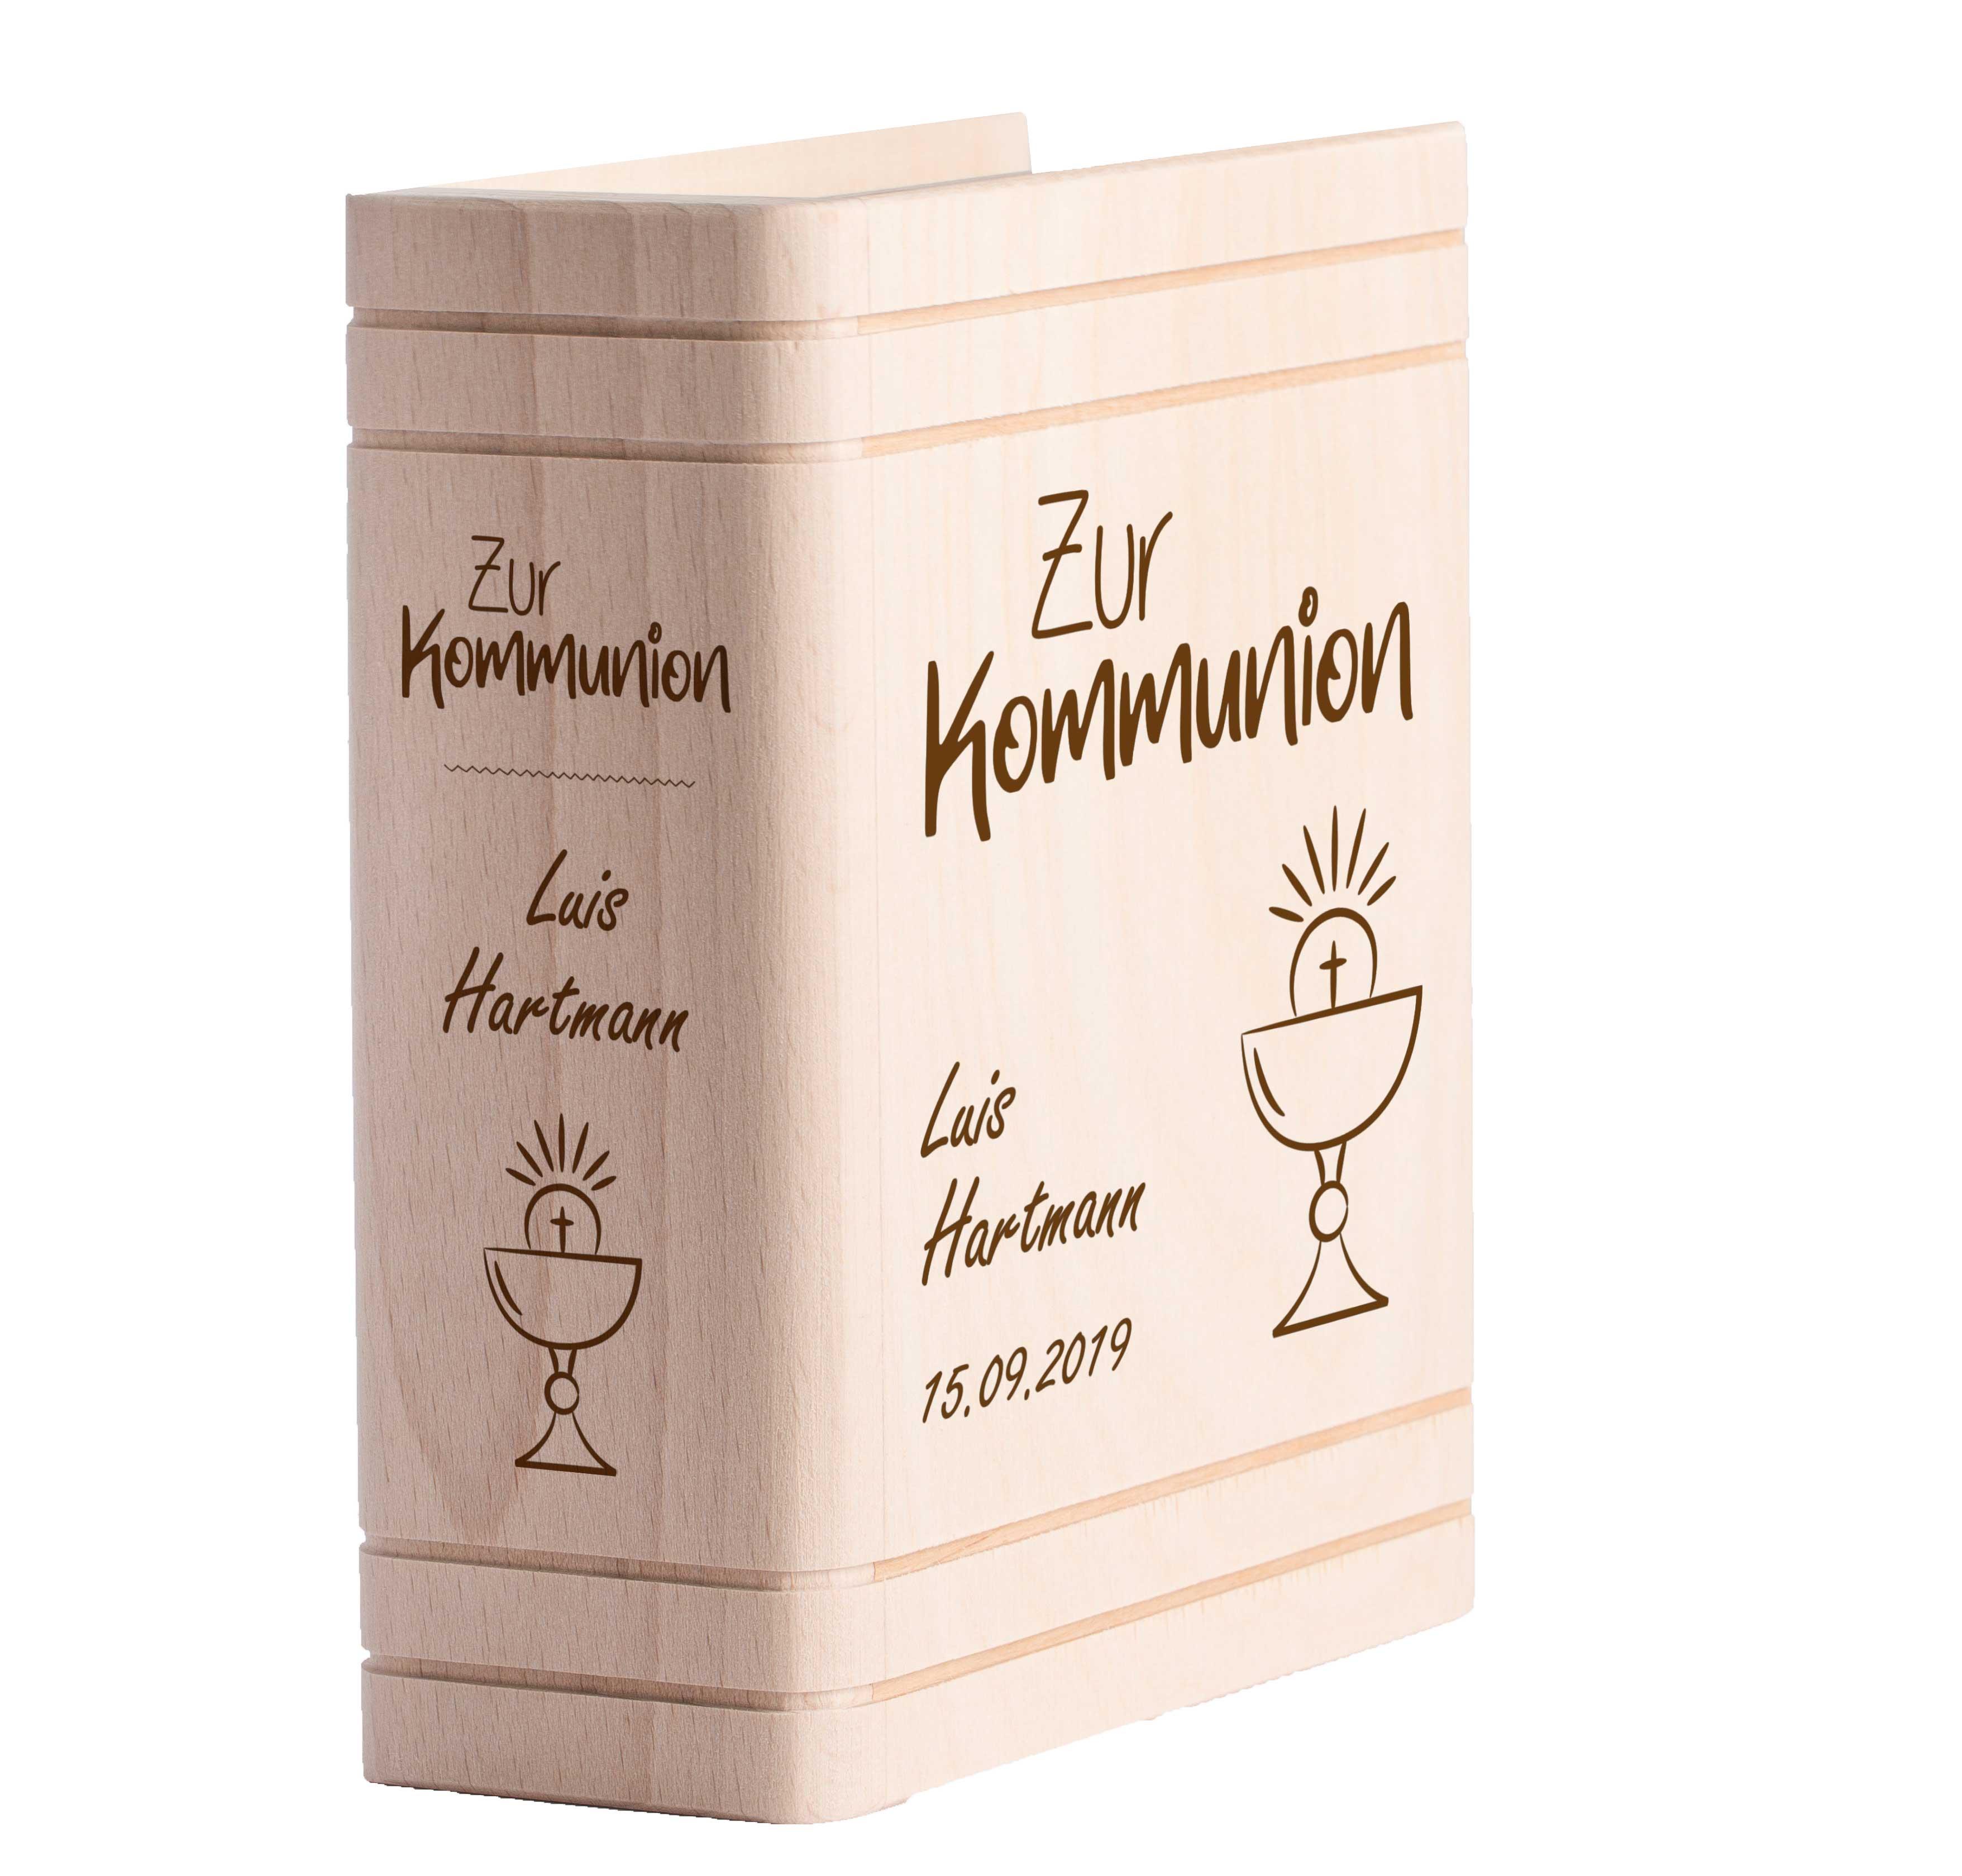 Personalisiertes Sparbuch Mit Gravur Zur Kommunion Kelch